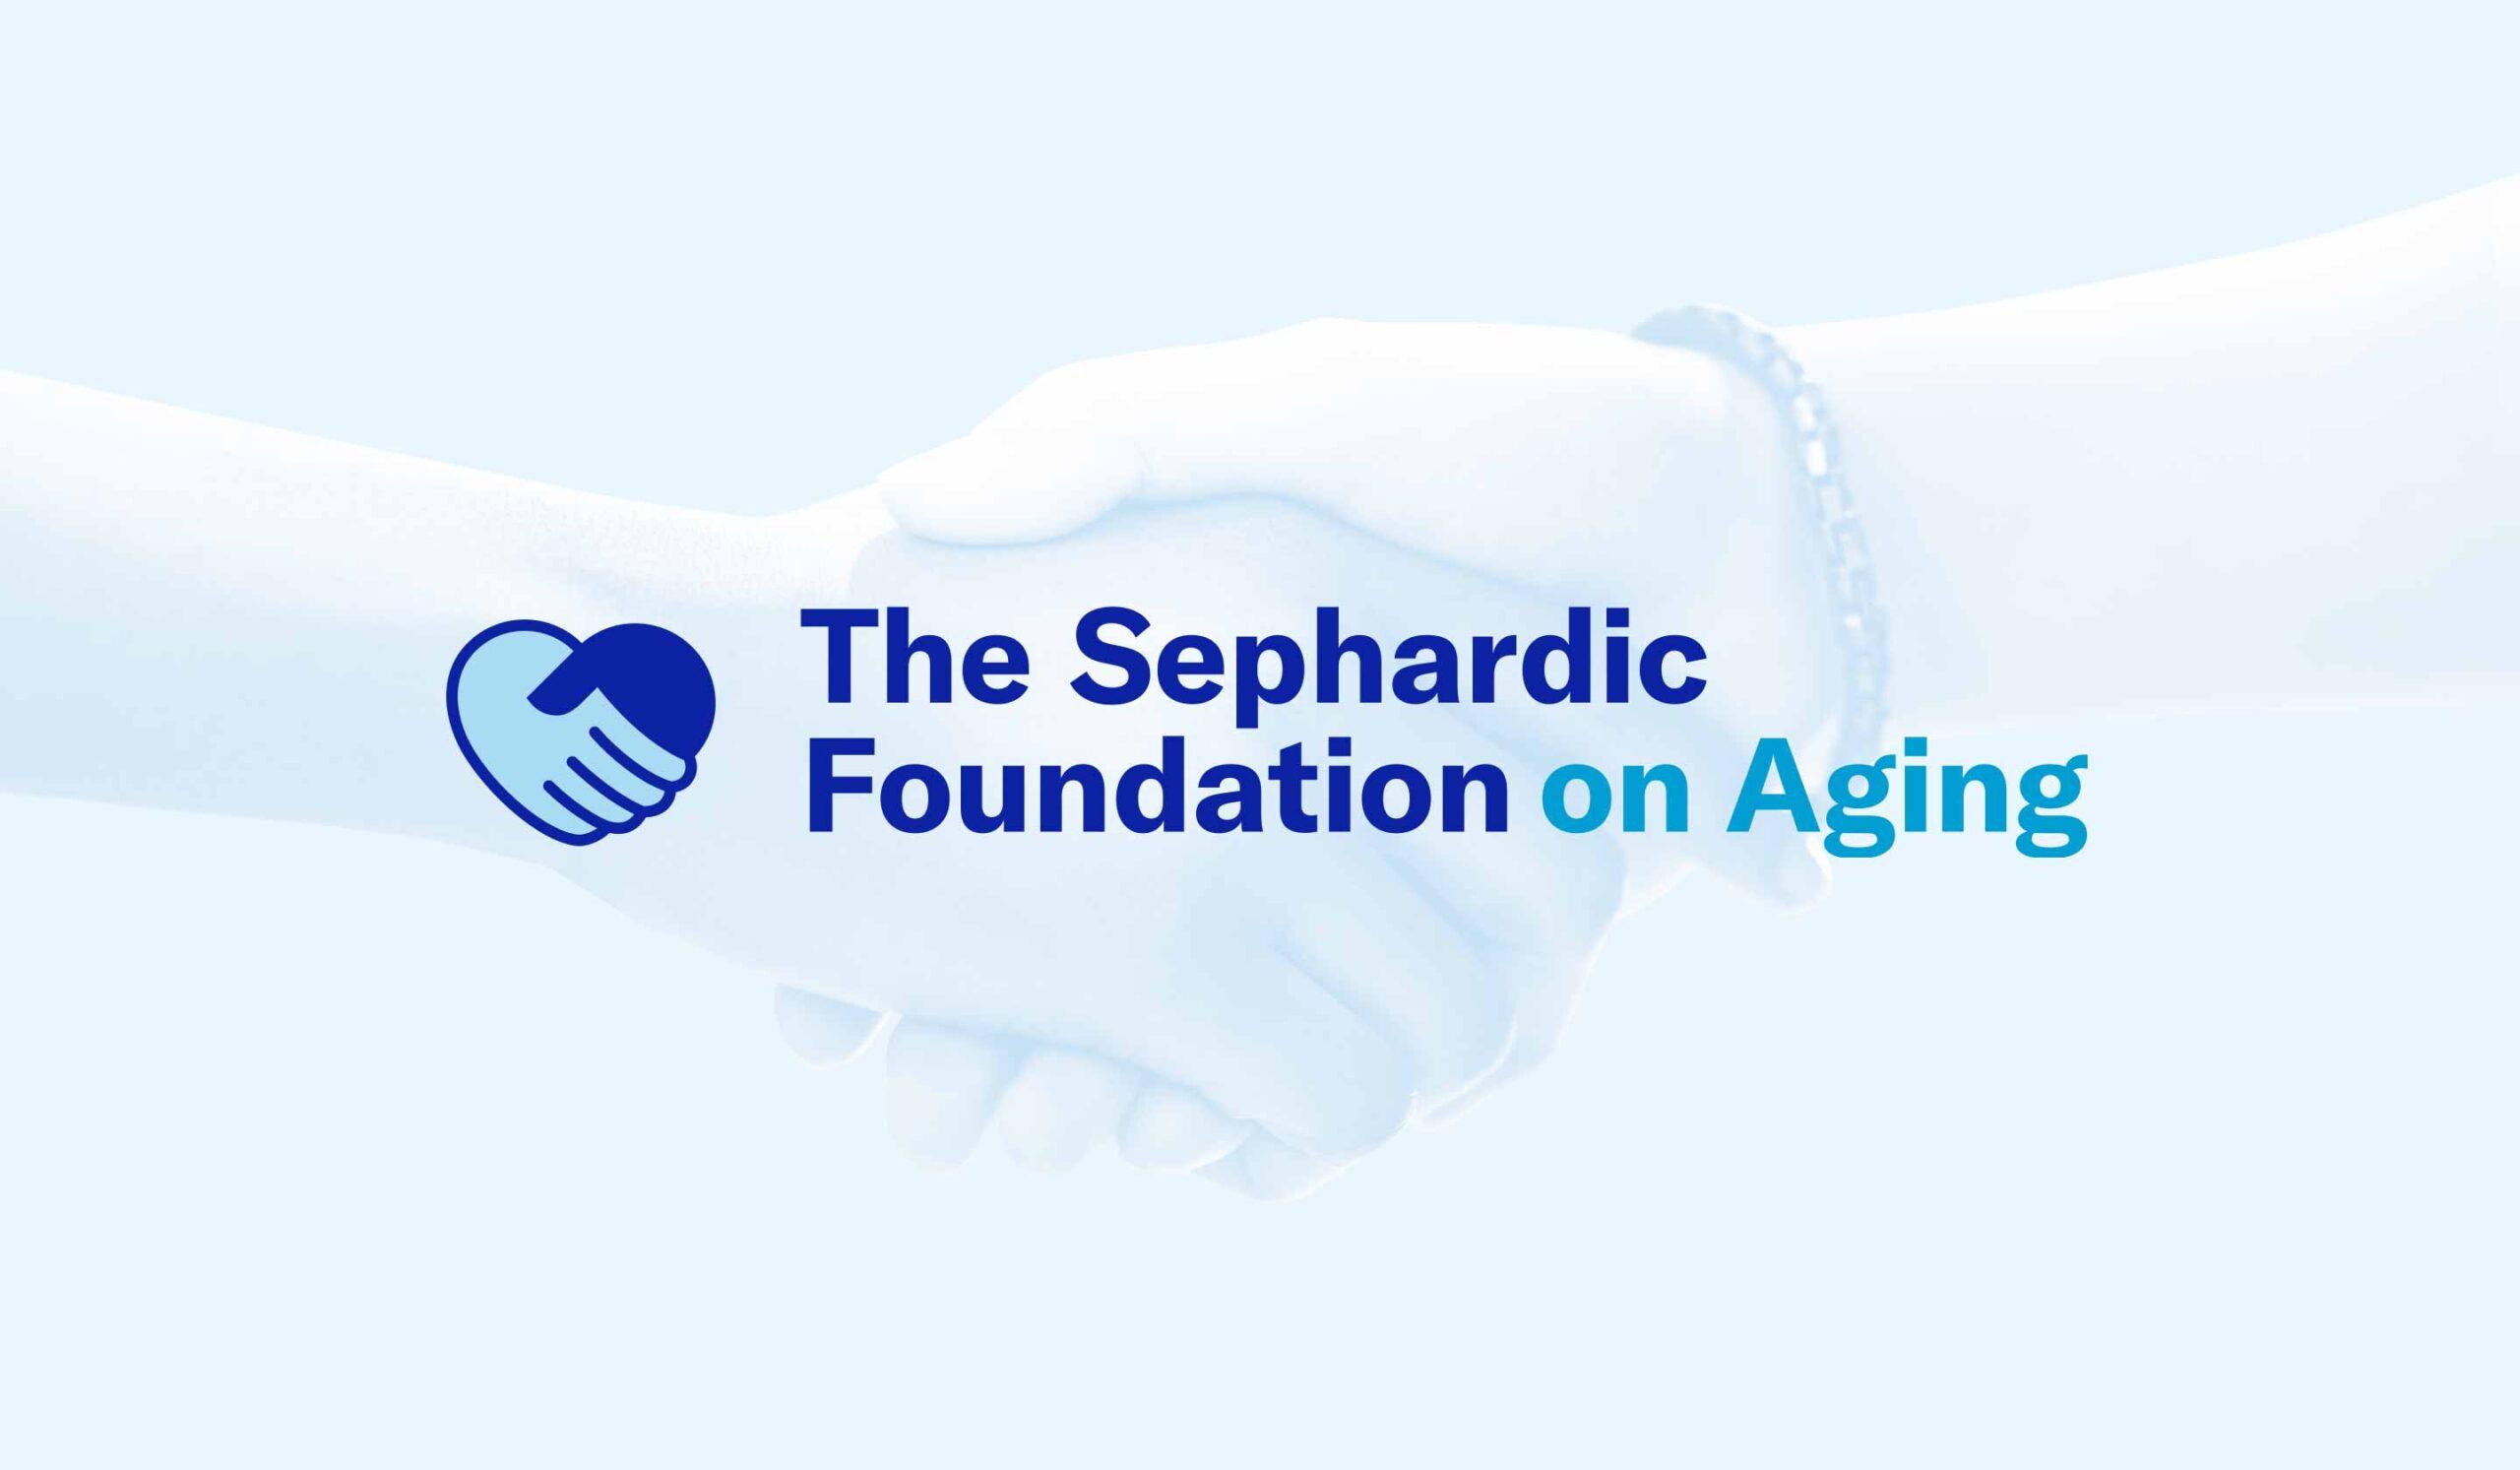 Sephardic-Foundation-On-Aging